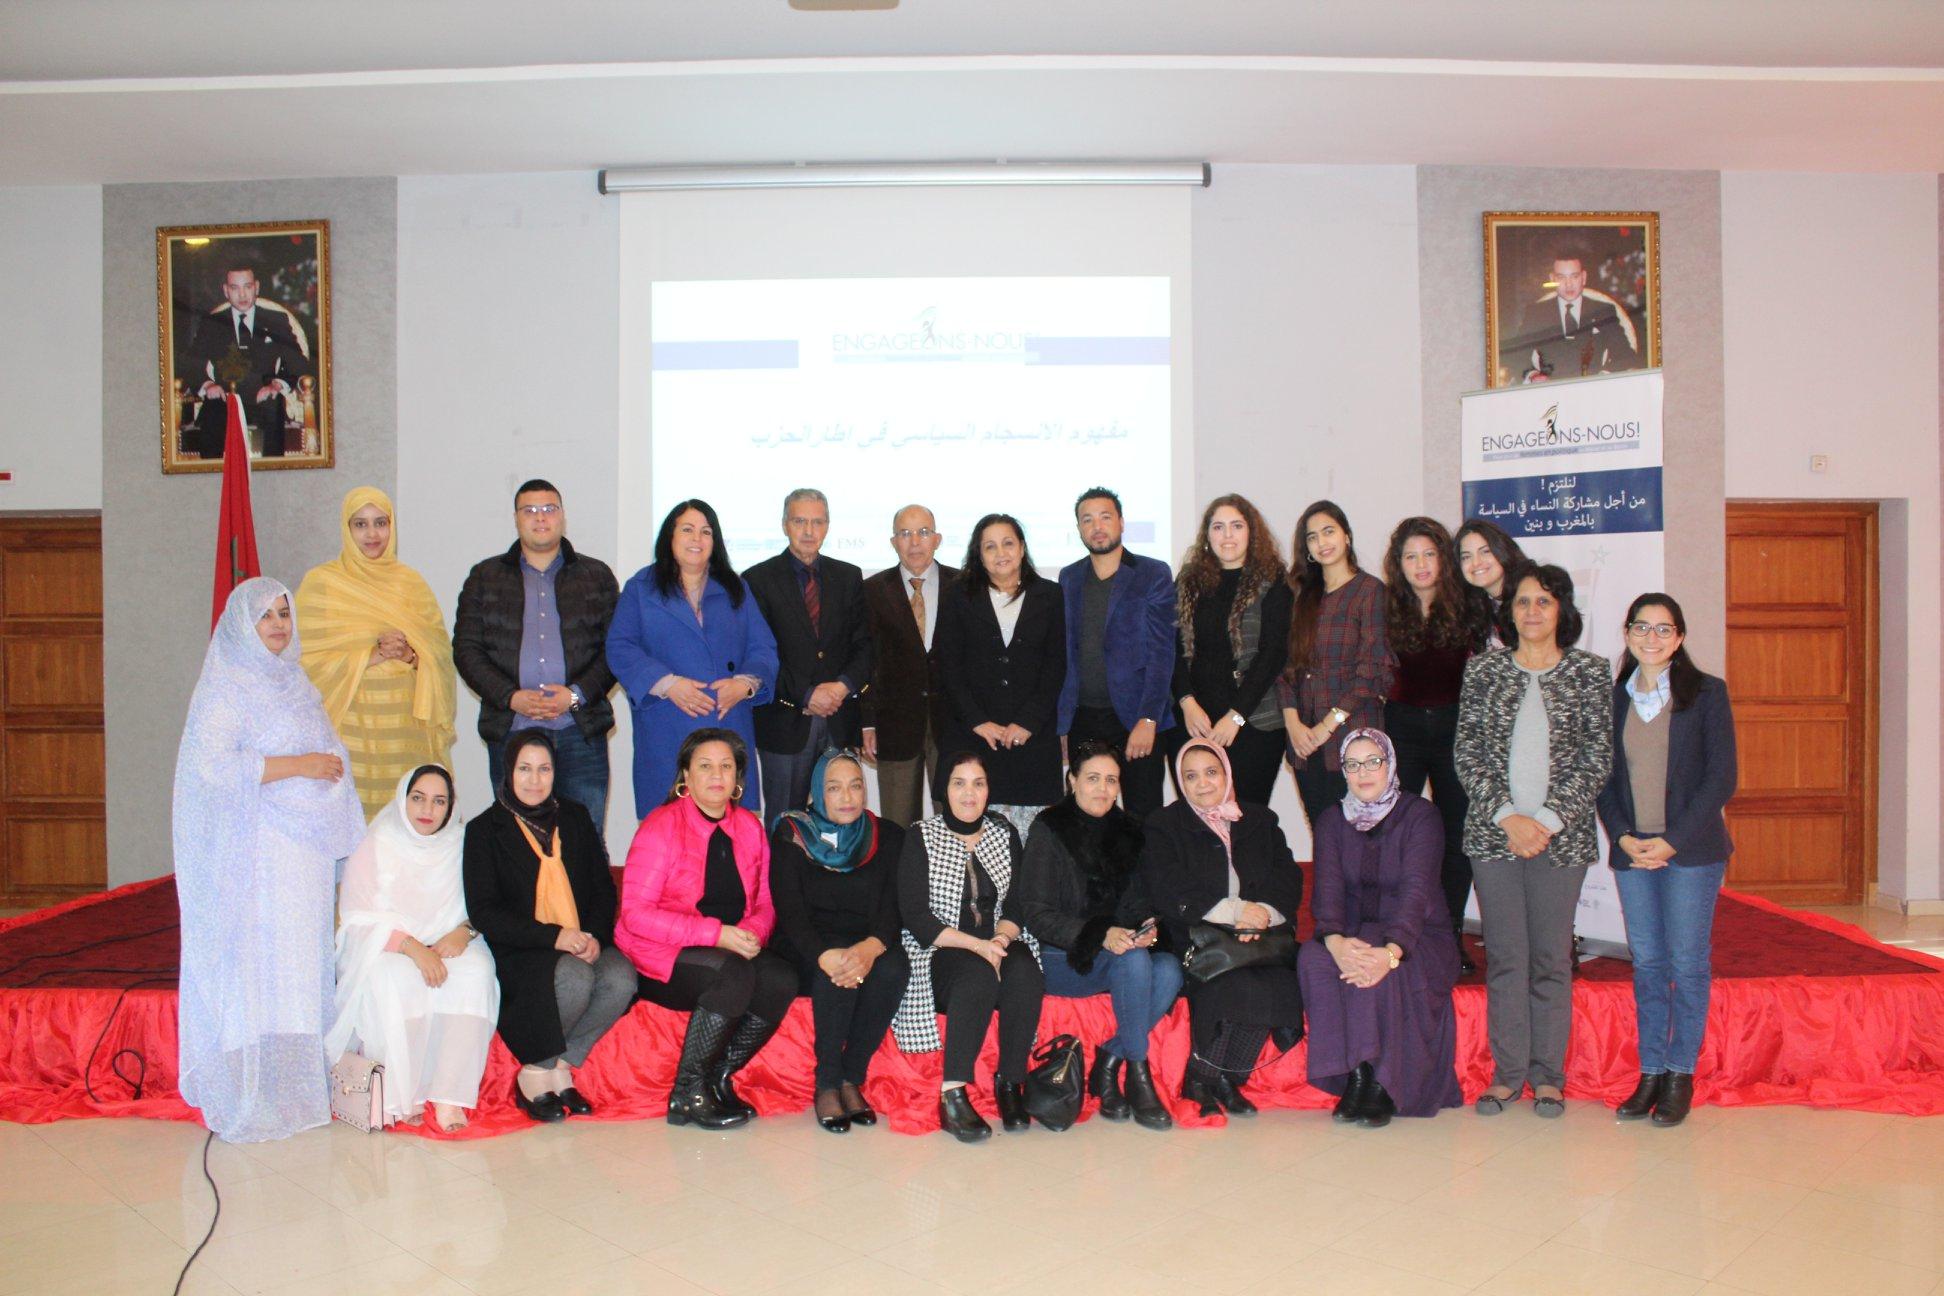 تنظيم دورة تكوينية لفائدة نساء الاتحاد الدستوري من طرف مؤسسة كونراد اديناور